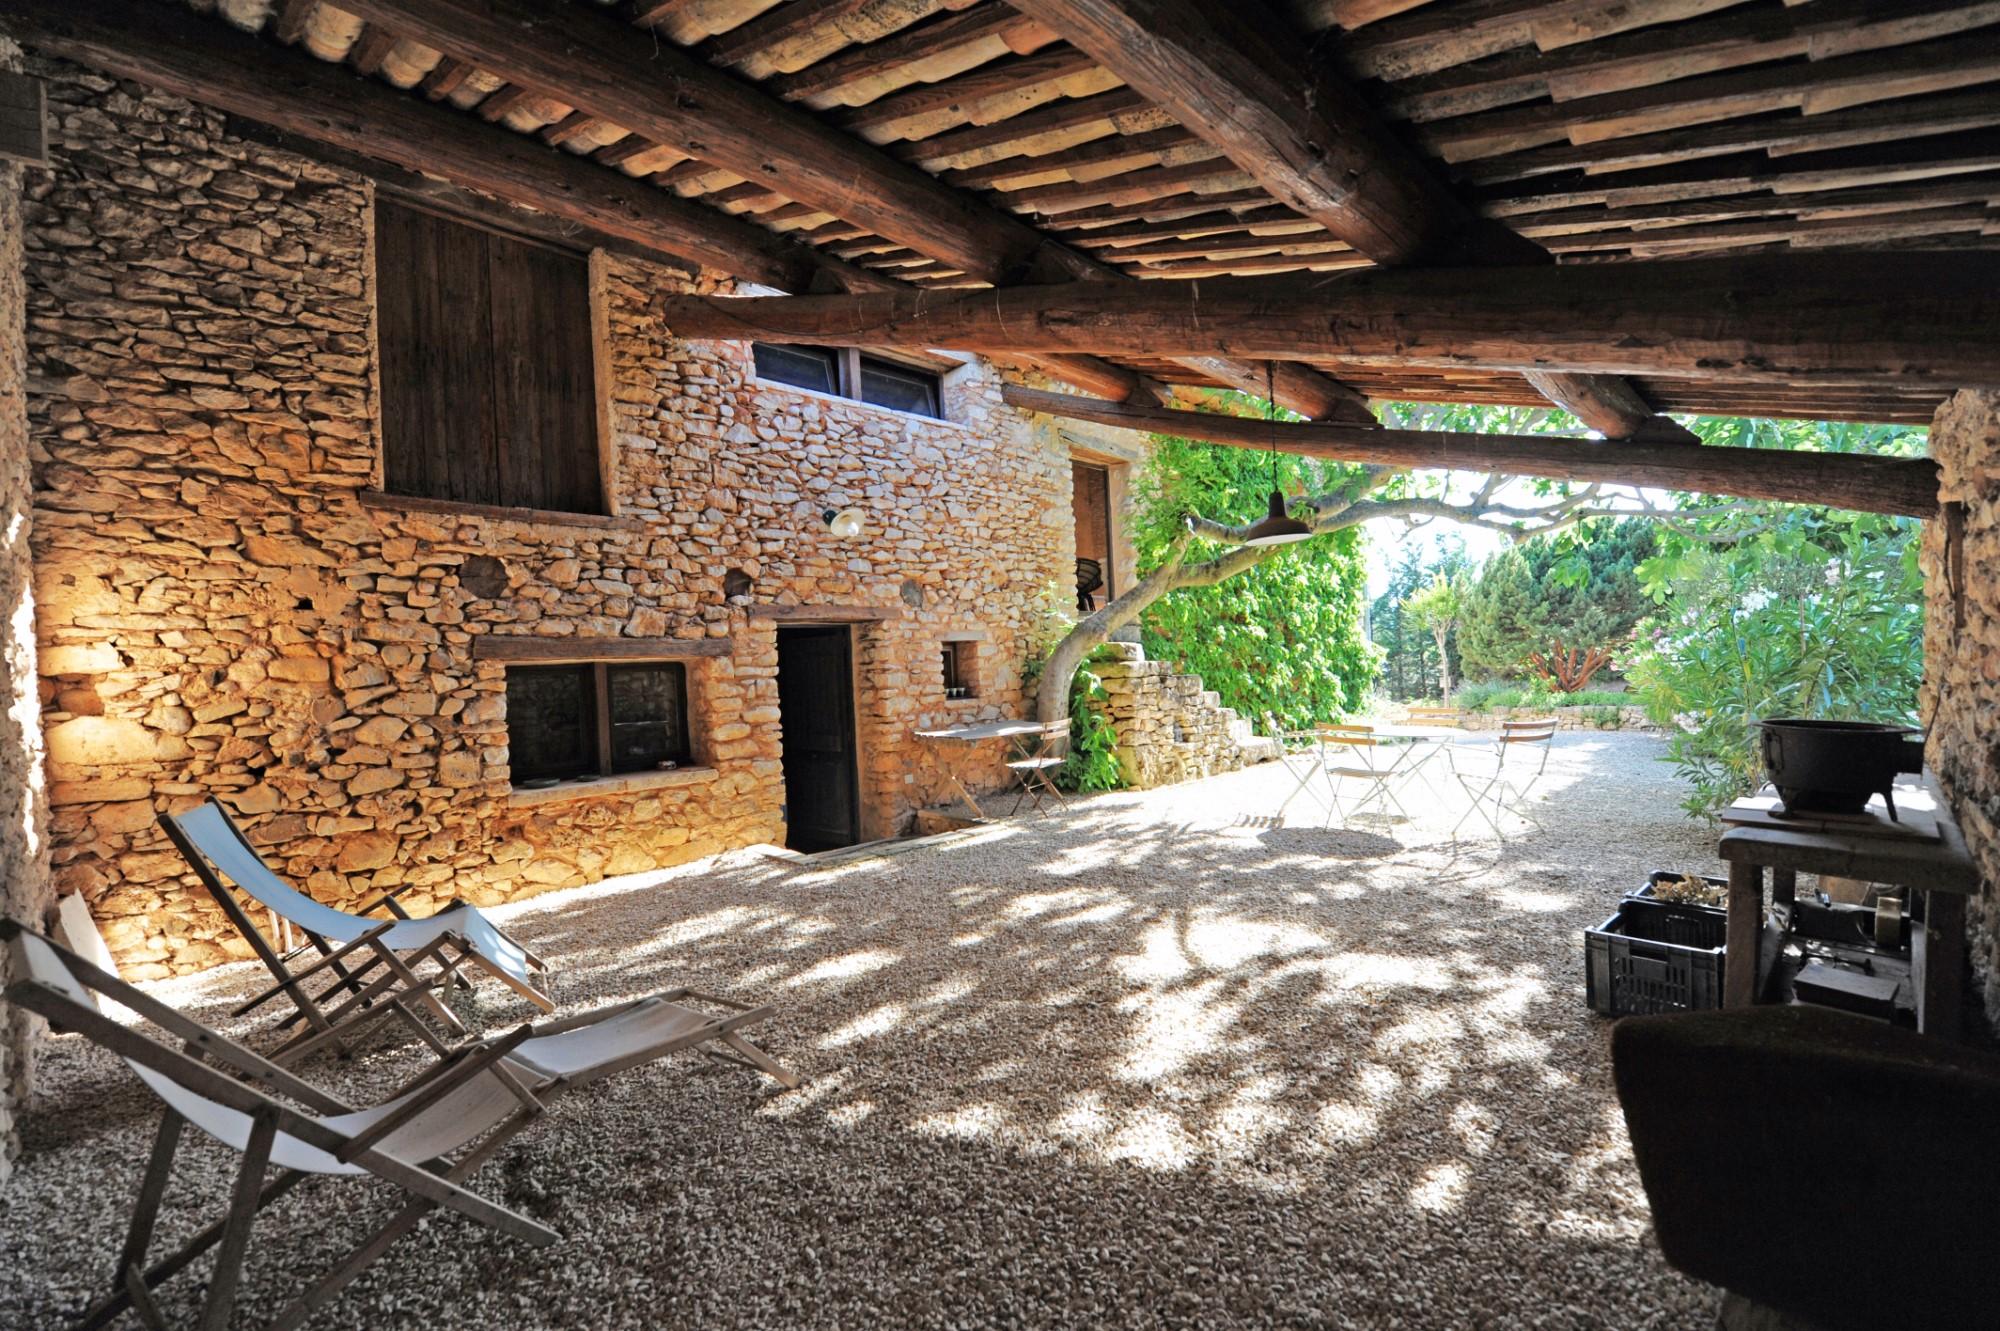 A vendre à Roussillon, grande maison 18ème de hameau avec dépendances